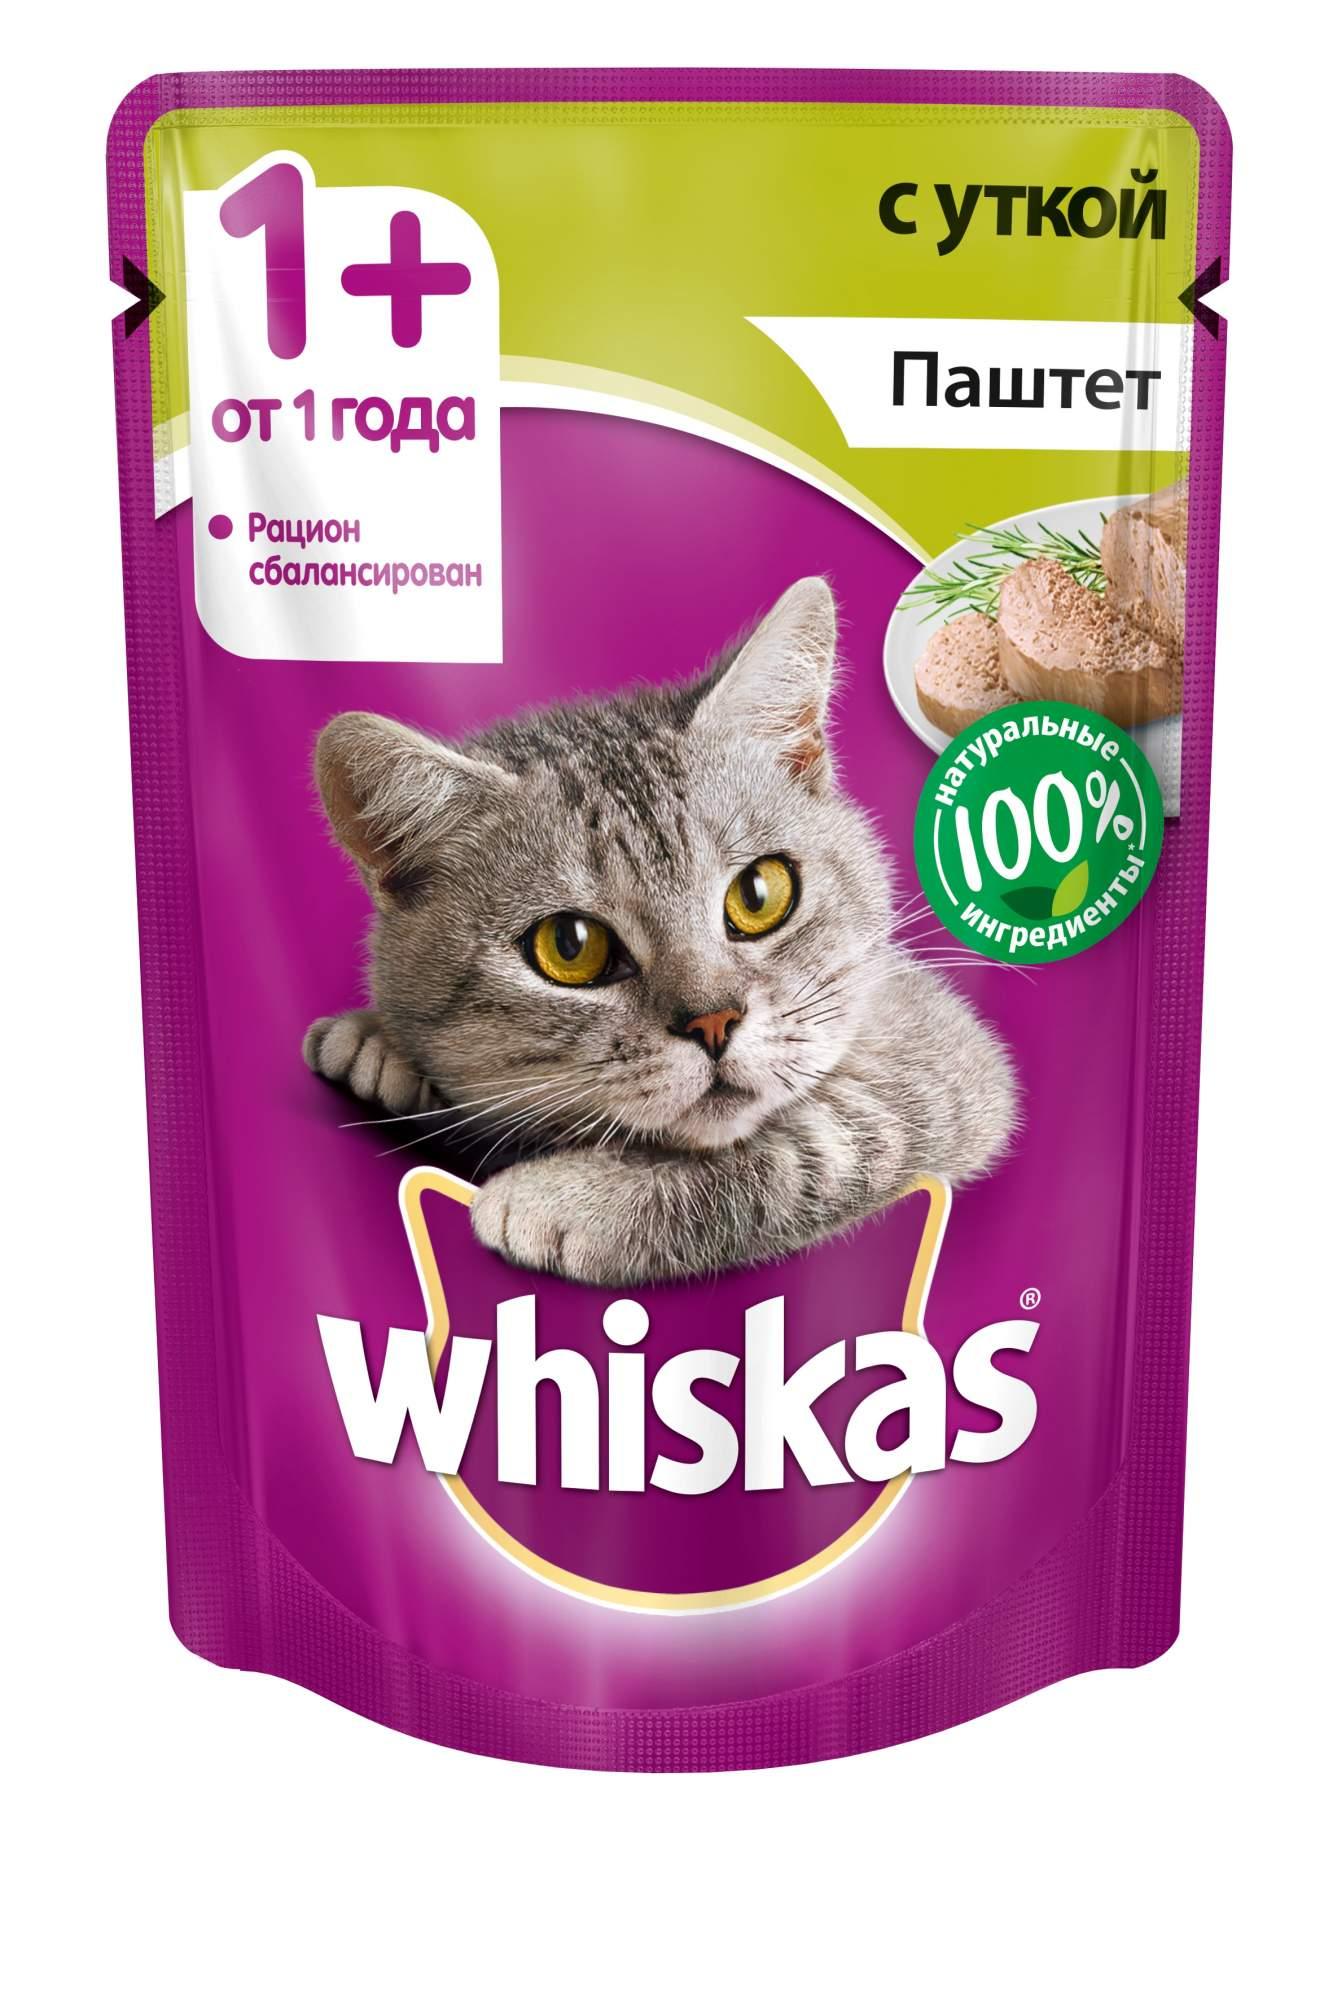 Кошка плохо ест